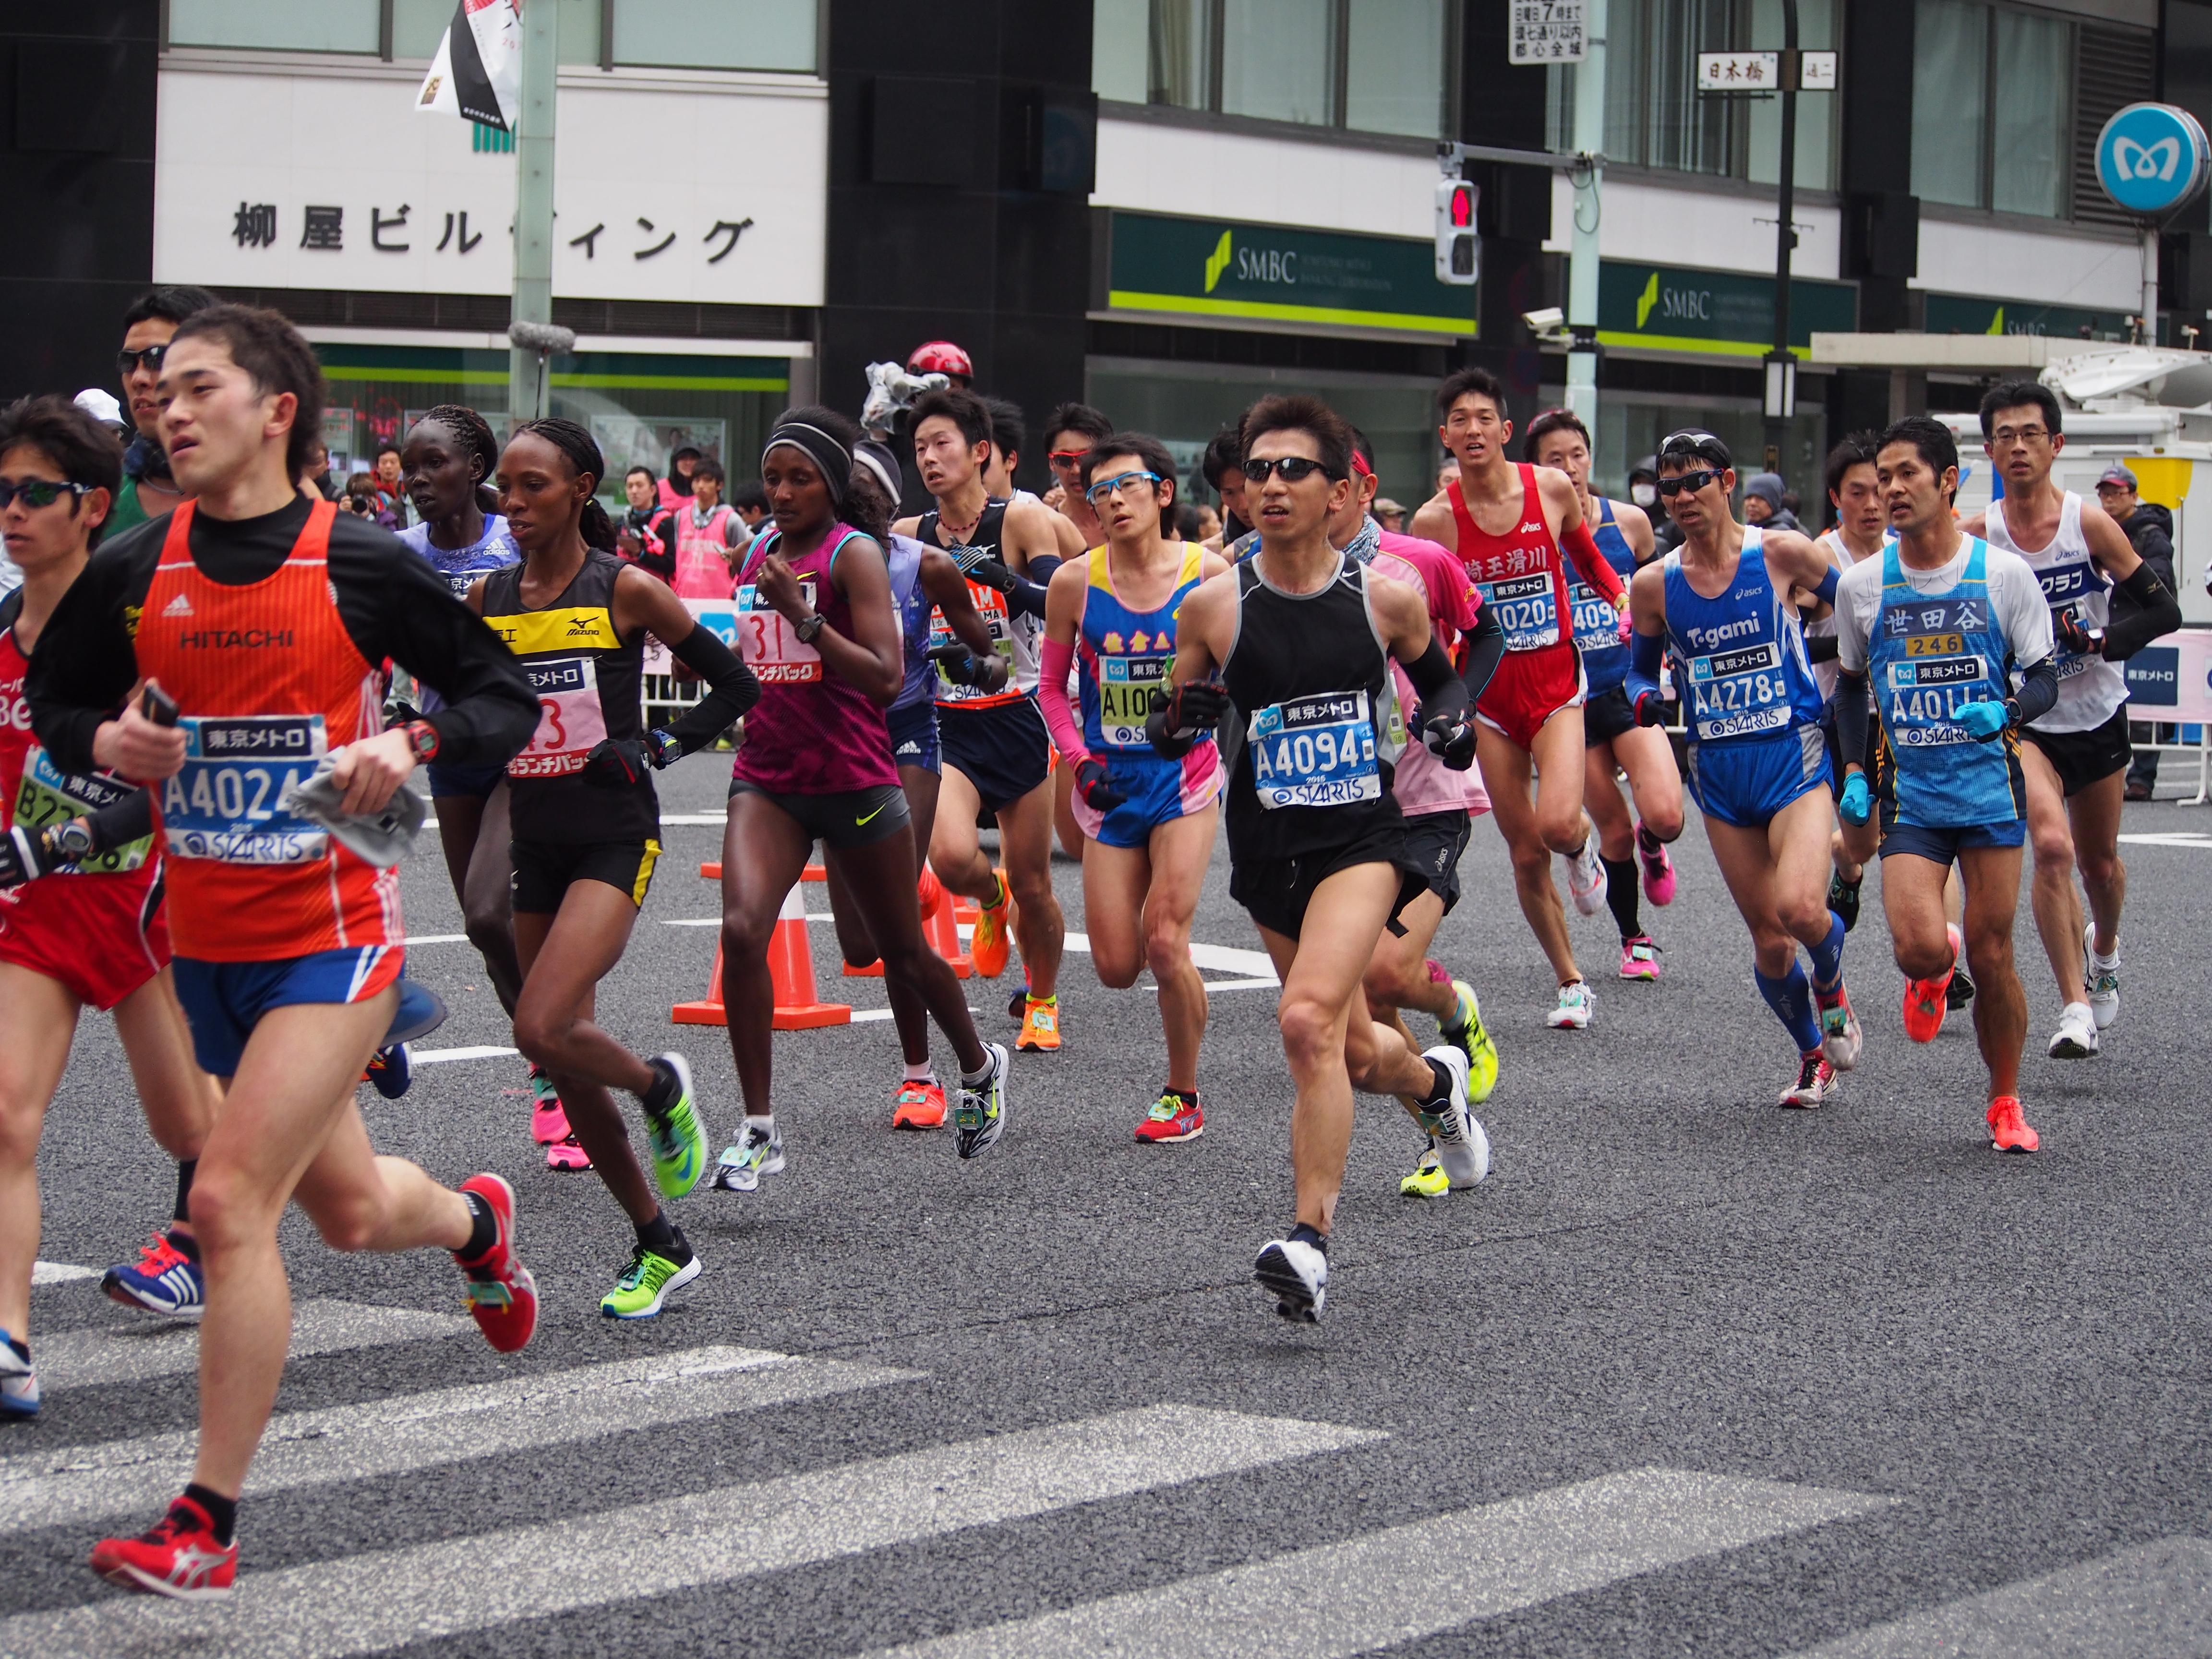 Tokyo marathon questions